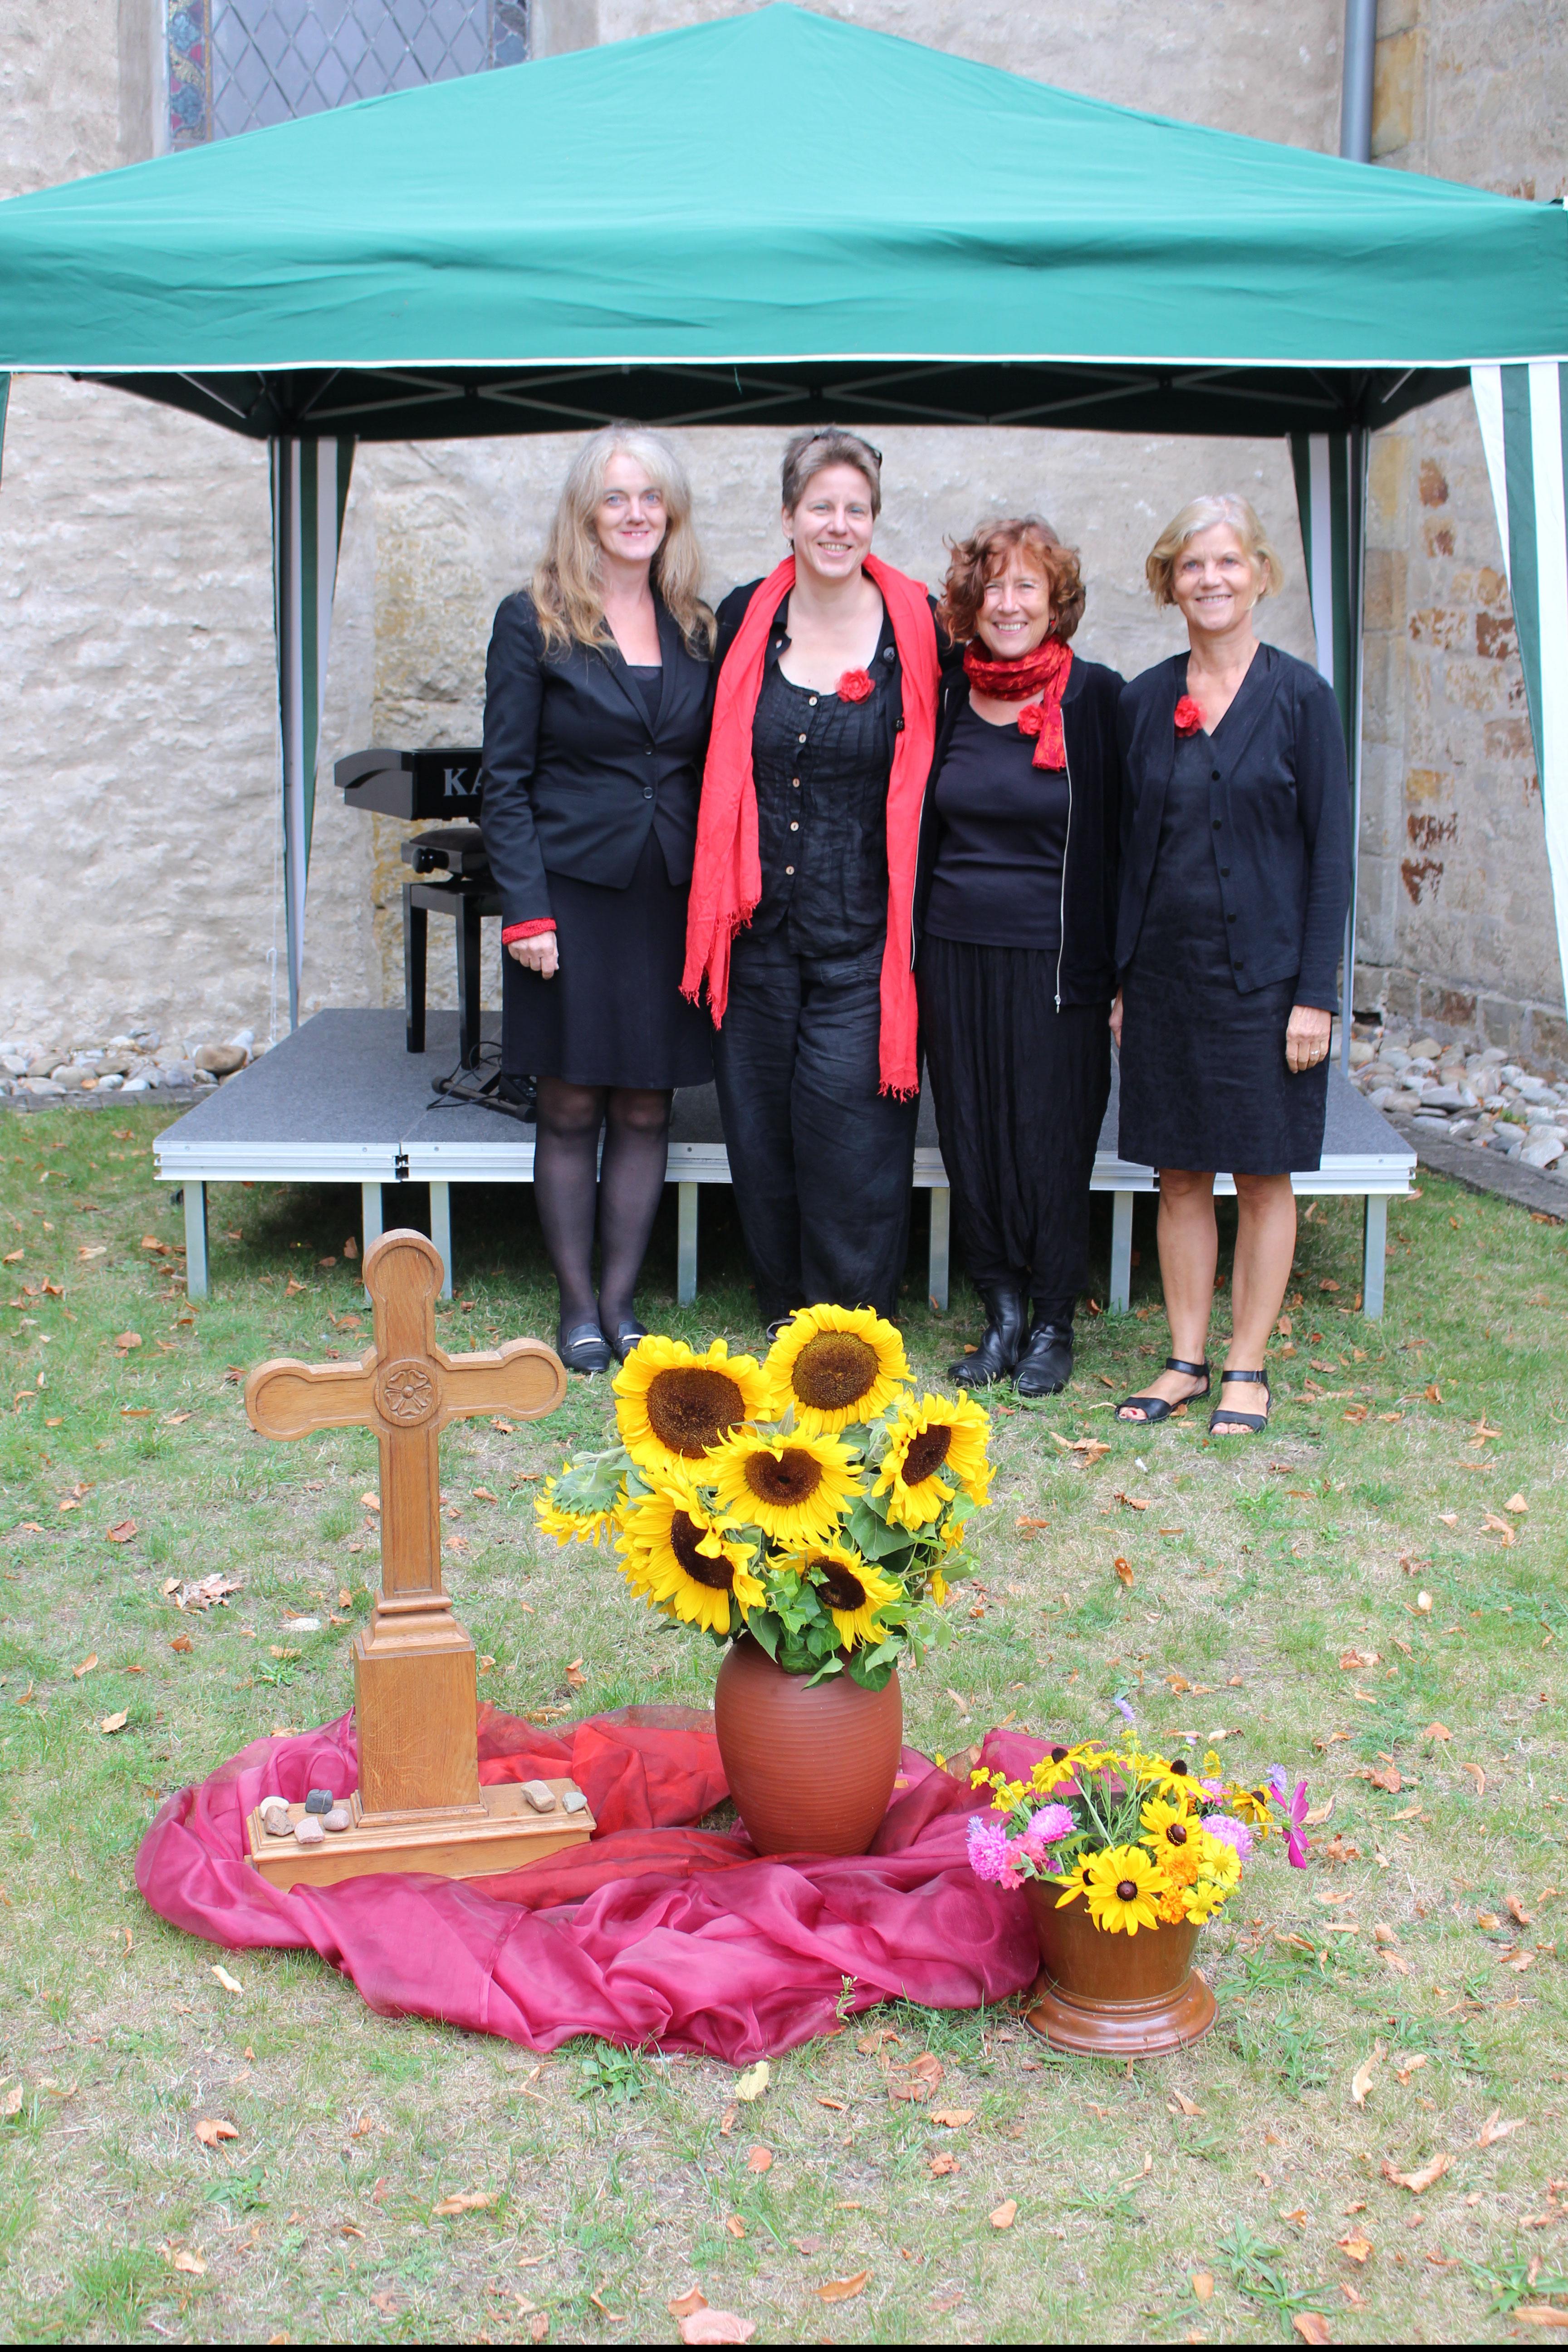 Foto von Birgit Gilmann: open air Gottesdienst 1. September 2019 mit den Klezmerschicksen - Der Abendsalon zu Gast in Versmold-Bockhorst